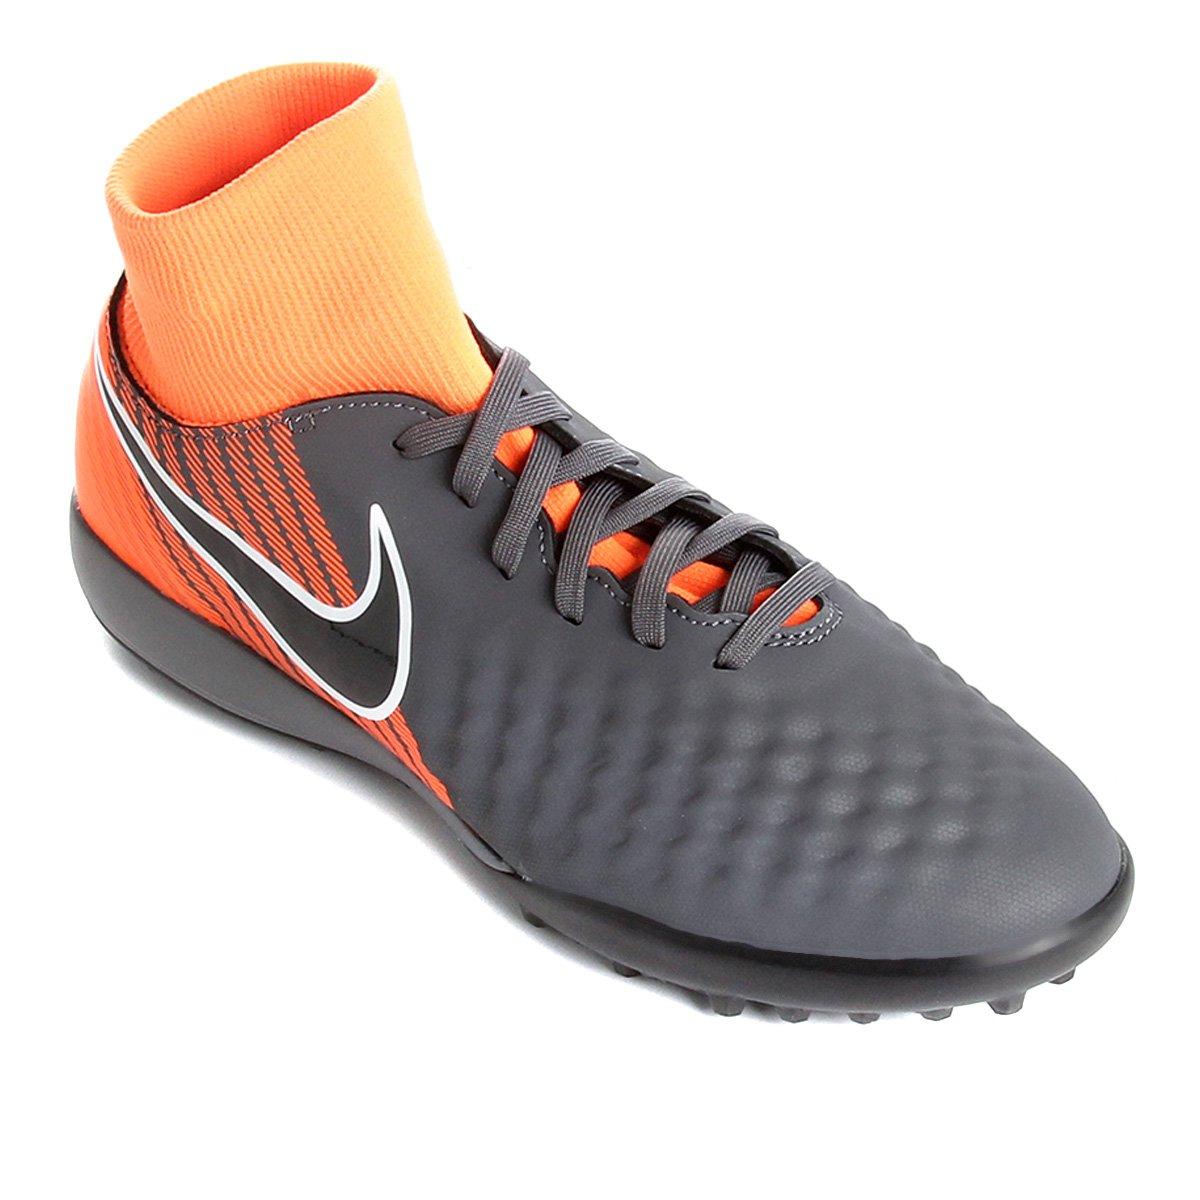 c267e1cf22450 Chuteira Society Nike Magista Obra 2 Academy Dinamic Fit - Cinza e Preto |  Shop Timão